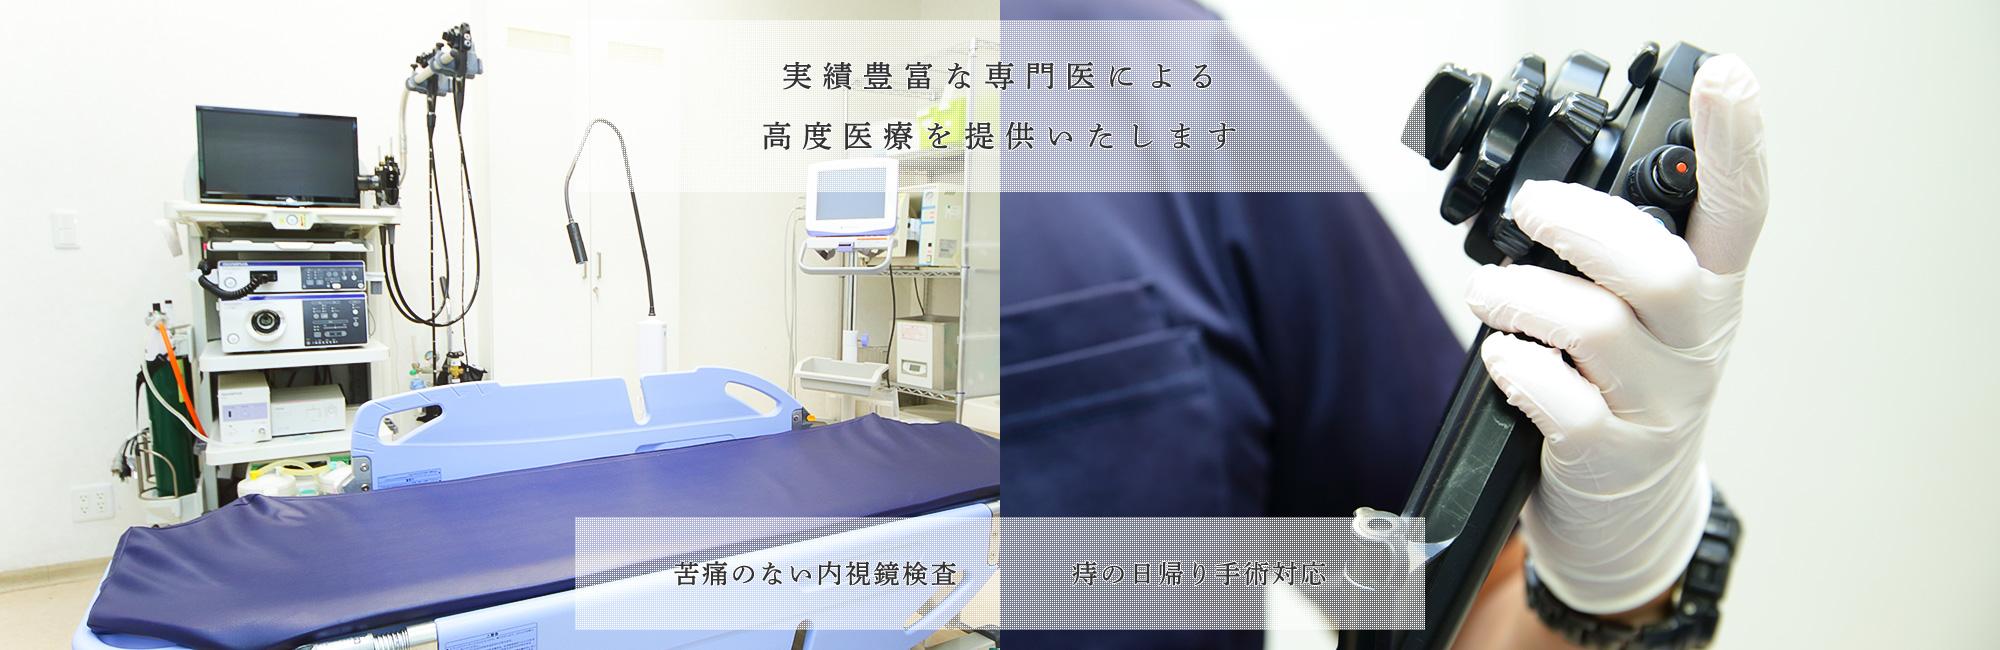 患者様によりそった医療をおこなっております駐車場16台、土曜日診療